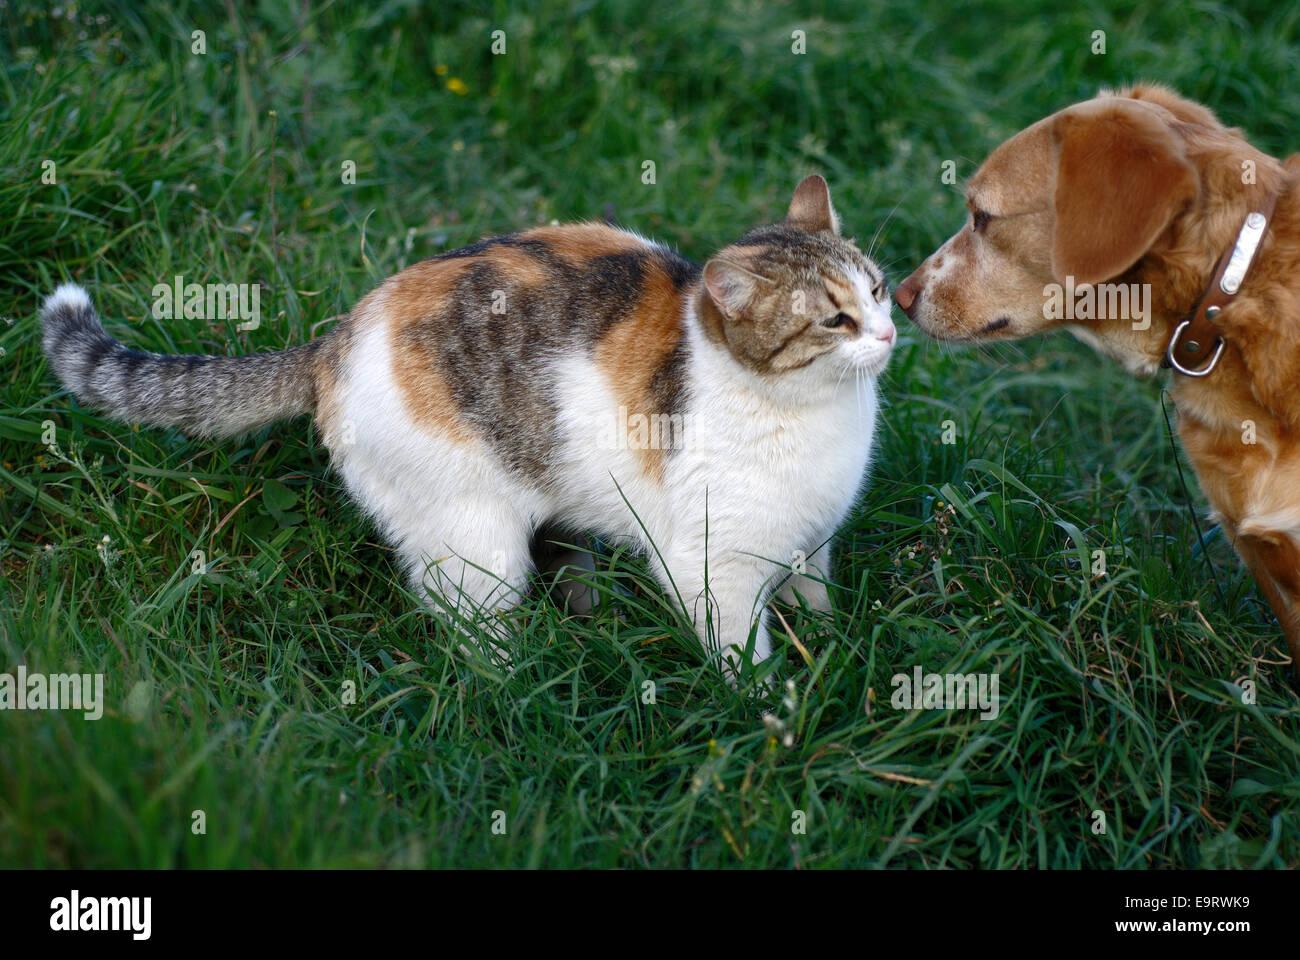 Hund und Katze beschnuppern sich - Stock Image